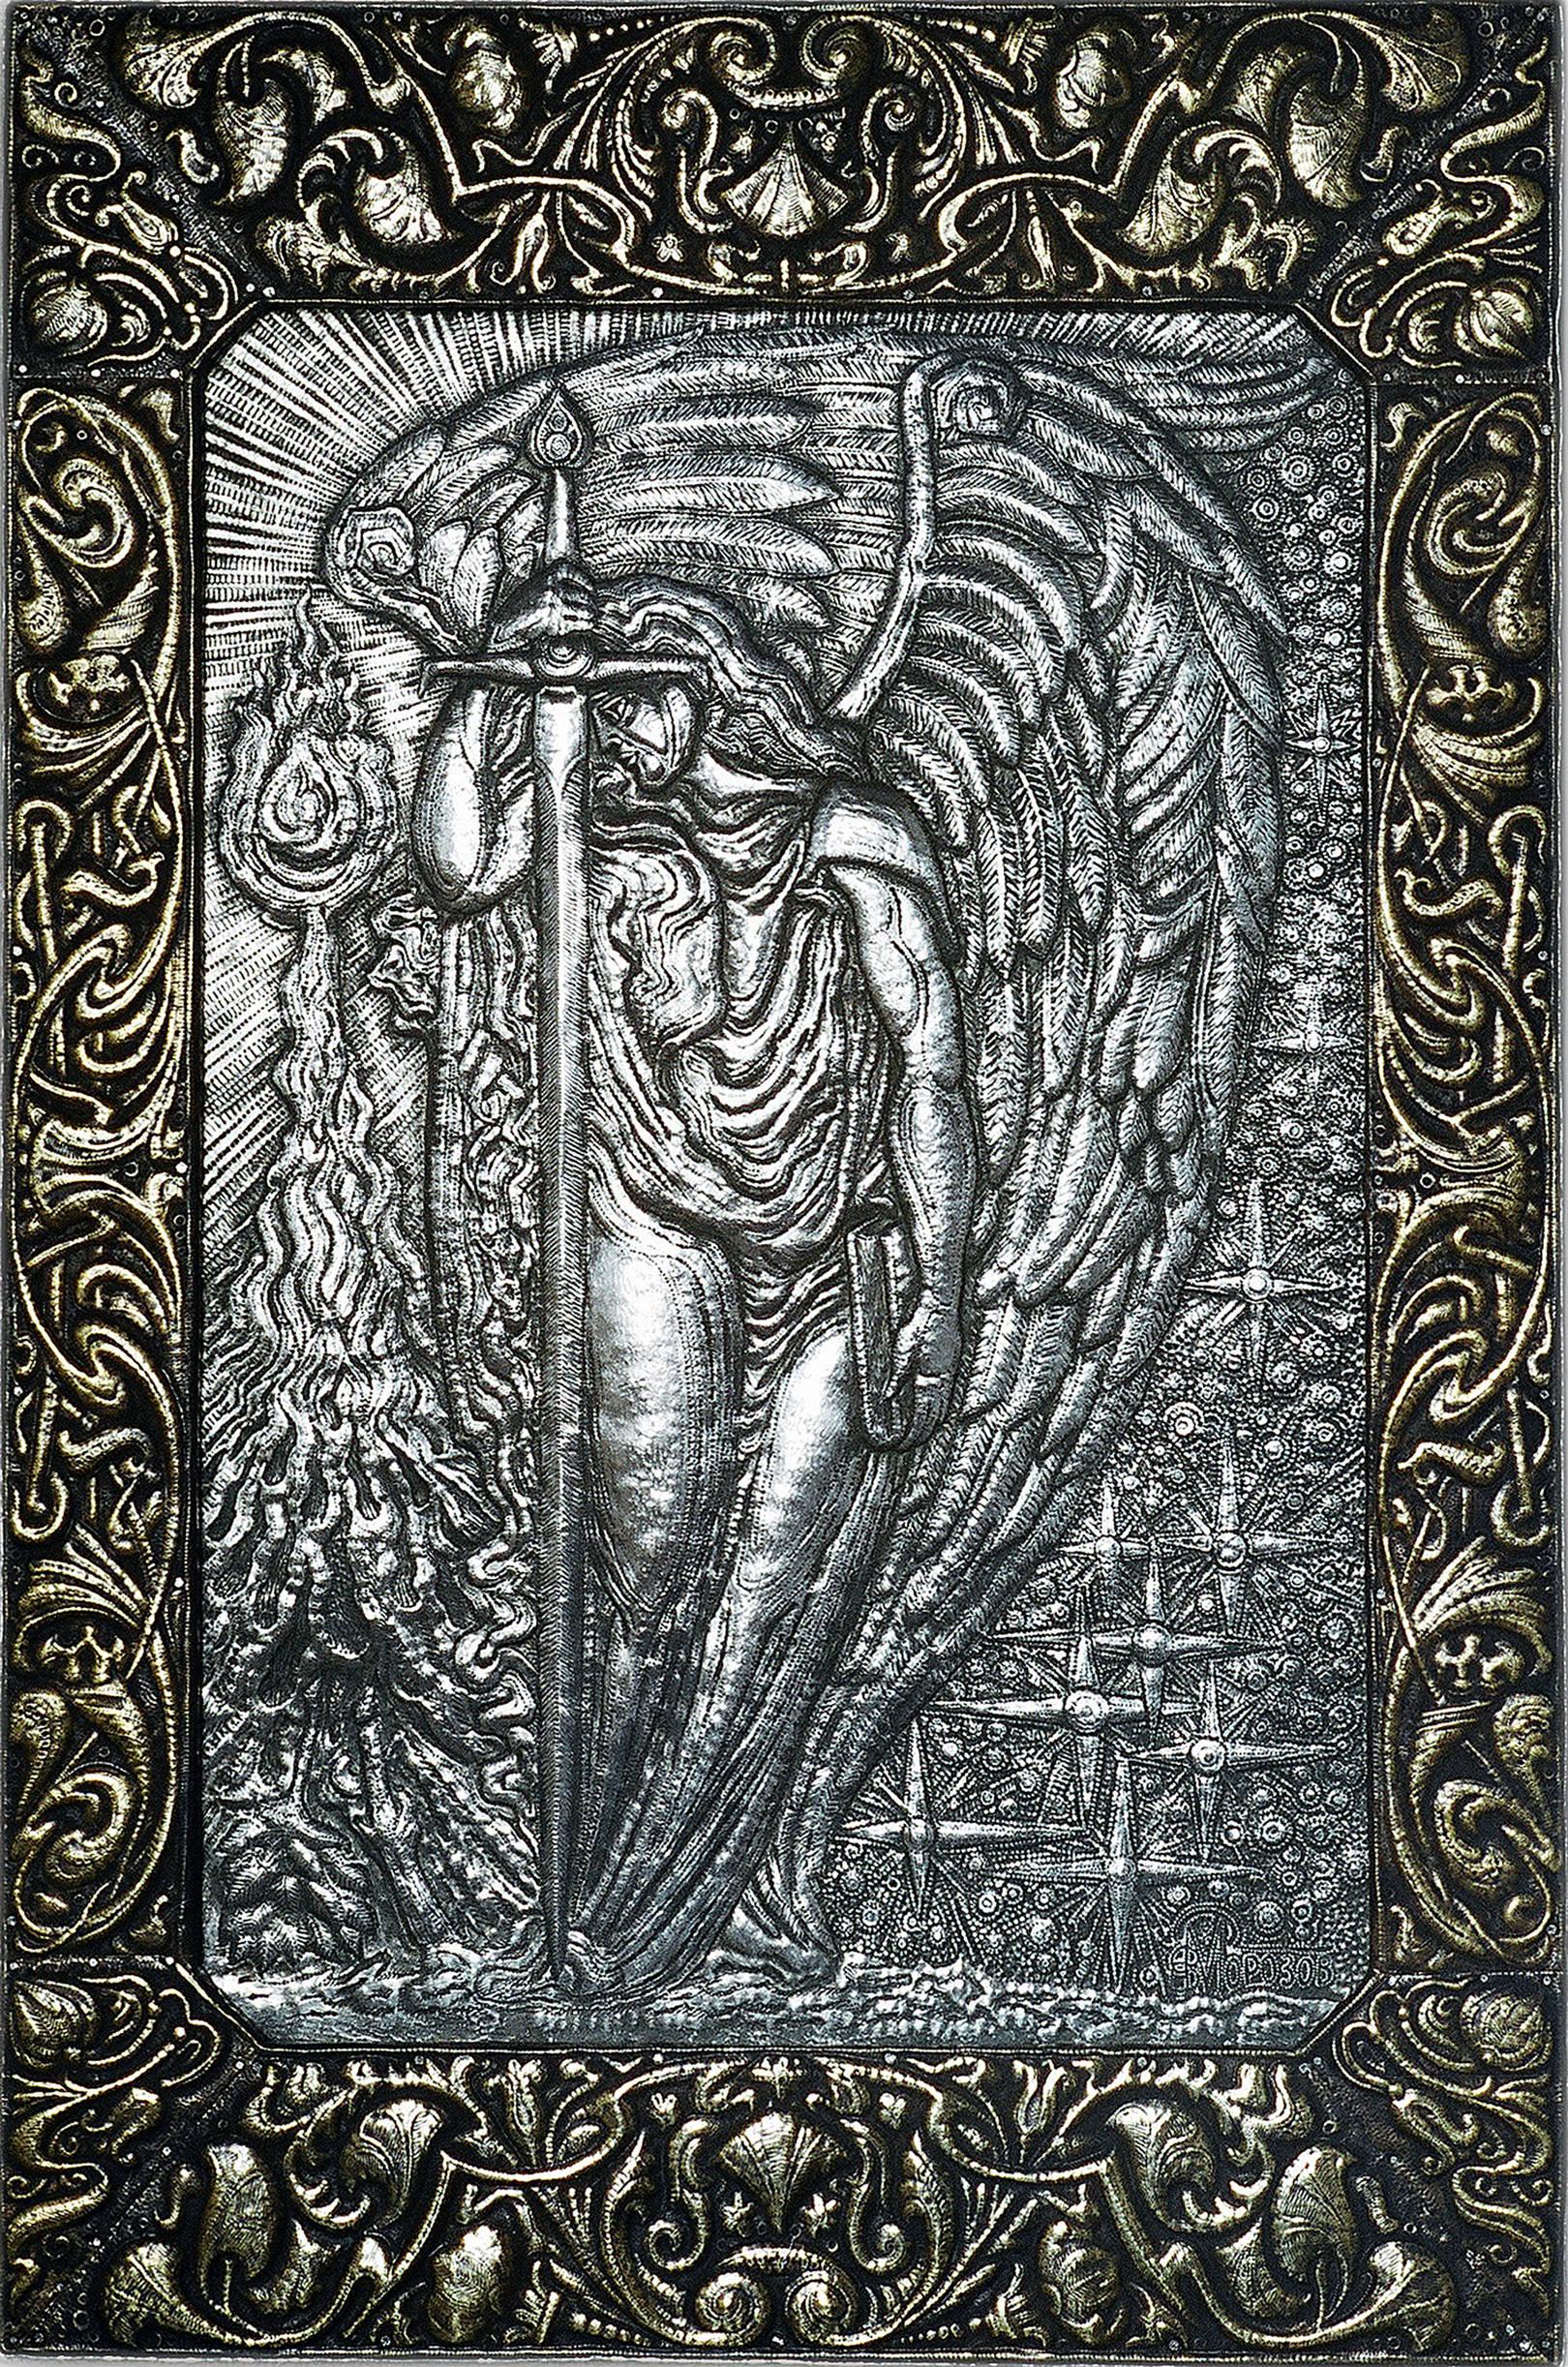 """Ангел Скорби (панно из триптиха """"Модерн"""") 2004 г.  Алюминий, латунь; 87 х 58 см"""